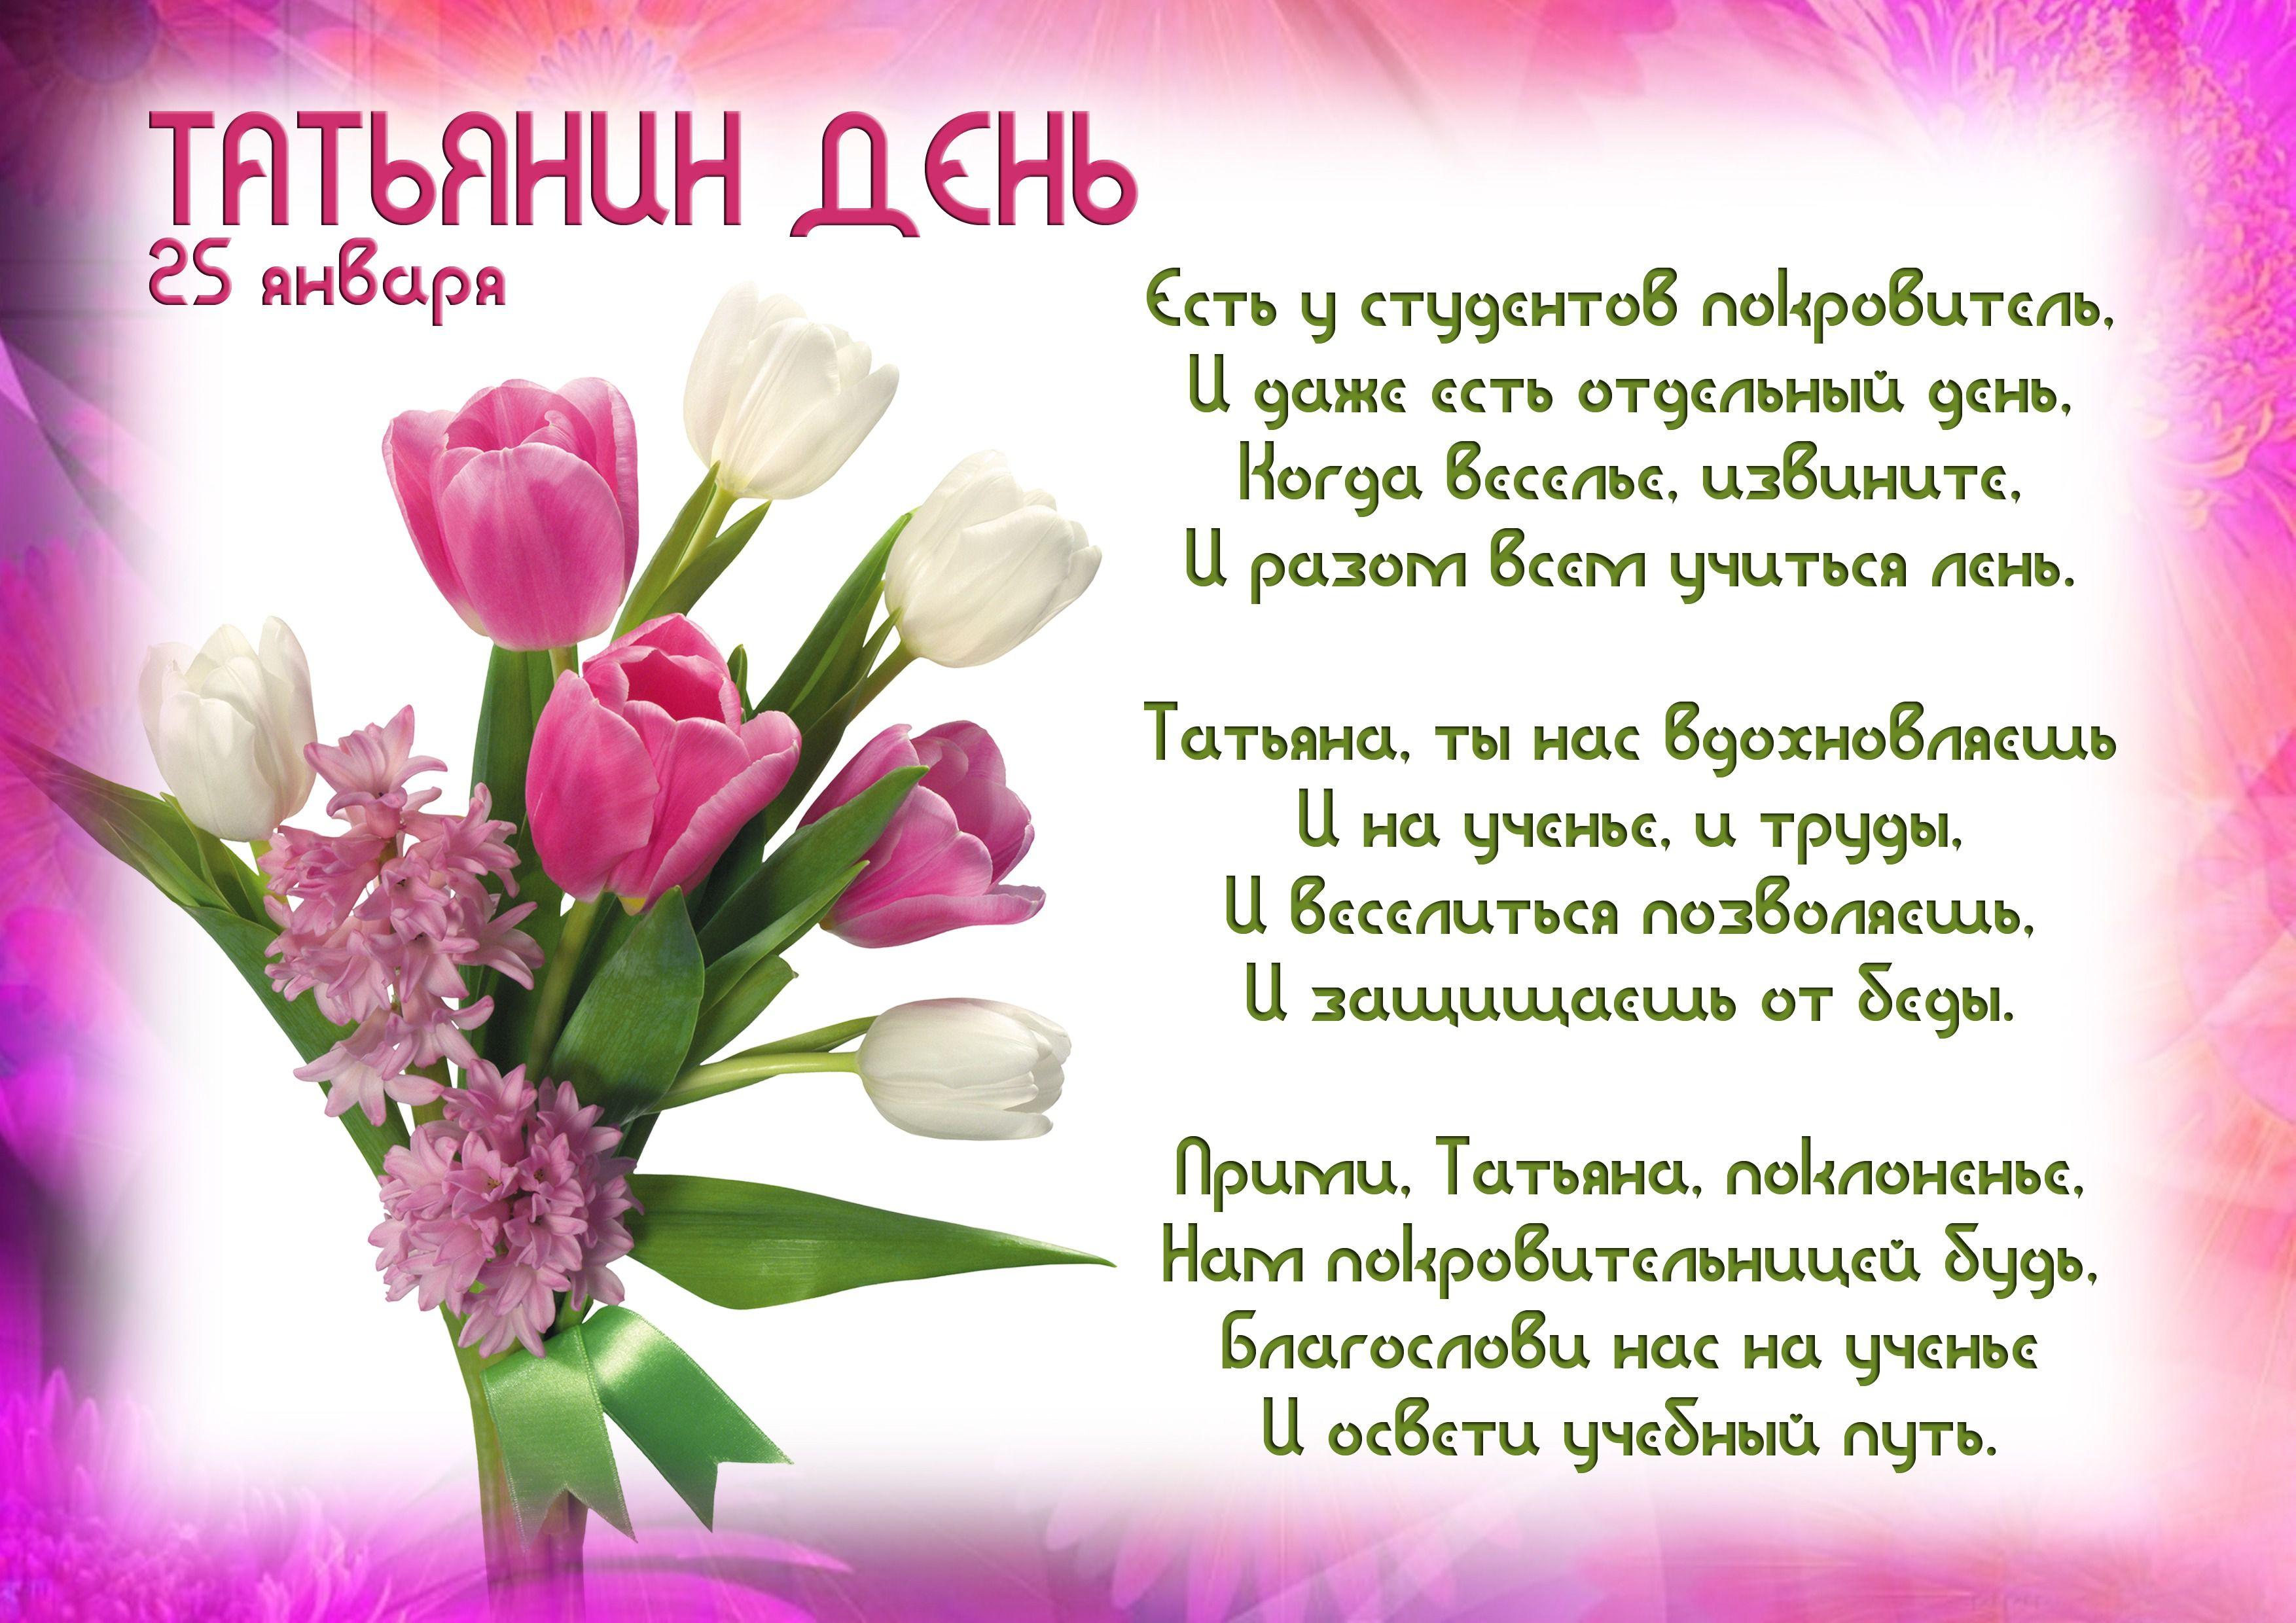 Поздравление с днем татьяны маме 25 января